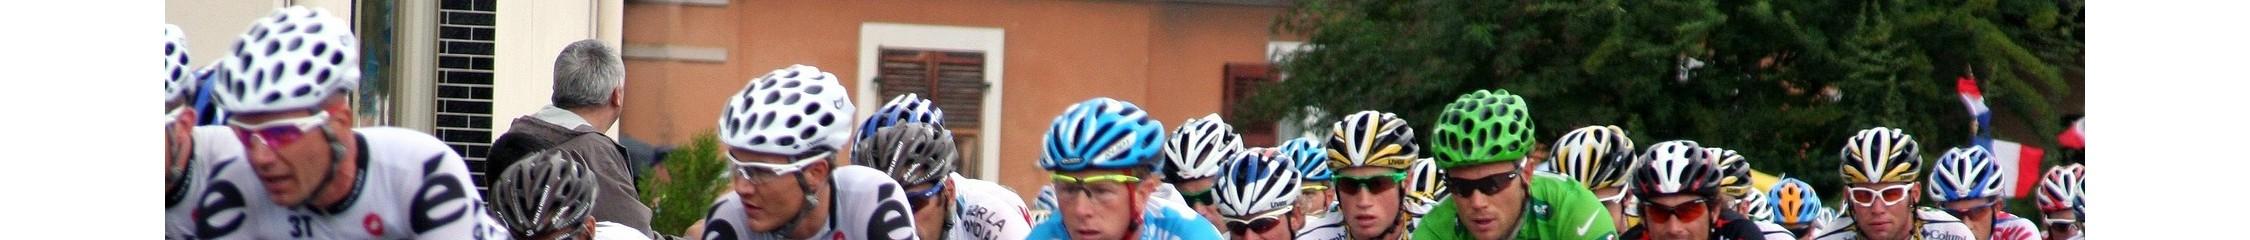 Tour De France, DM I Skills Og Andre Store Events Kommer Til Kalundborgegnen